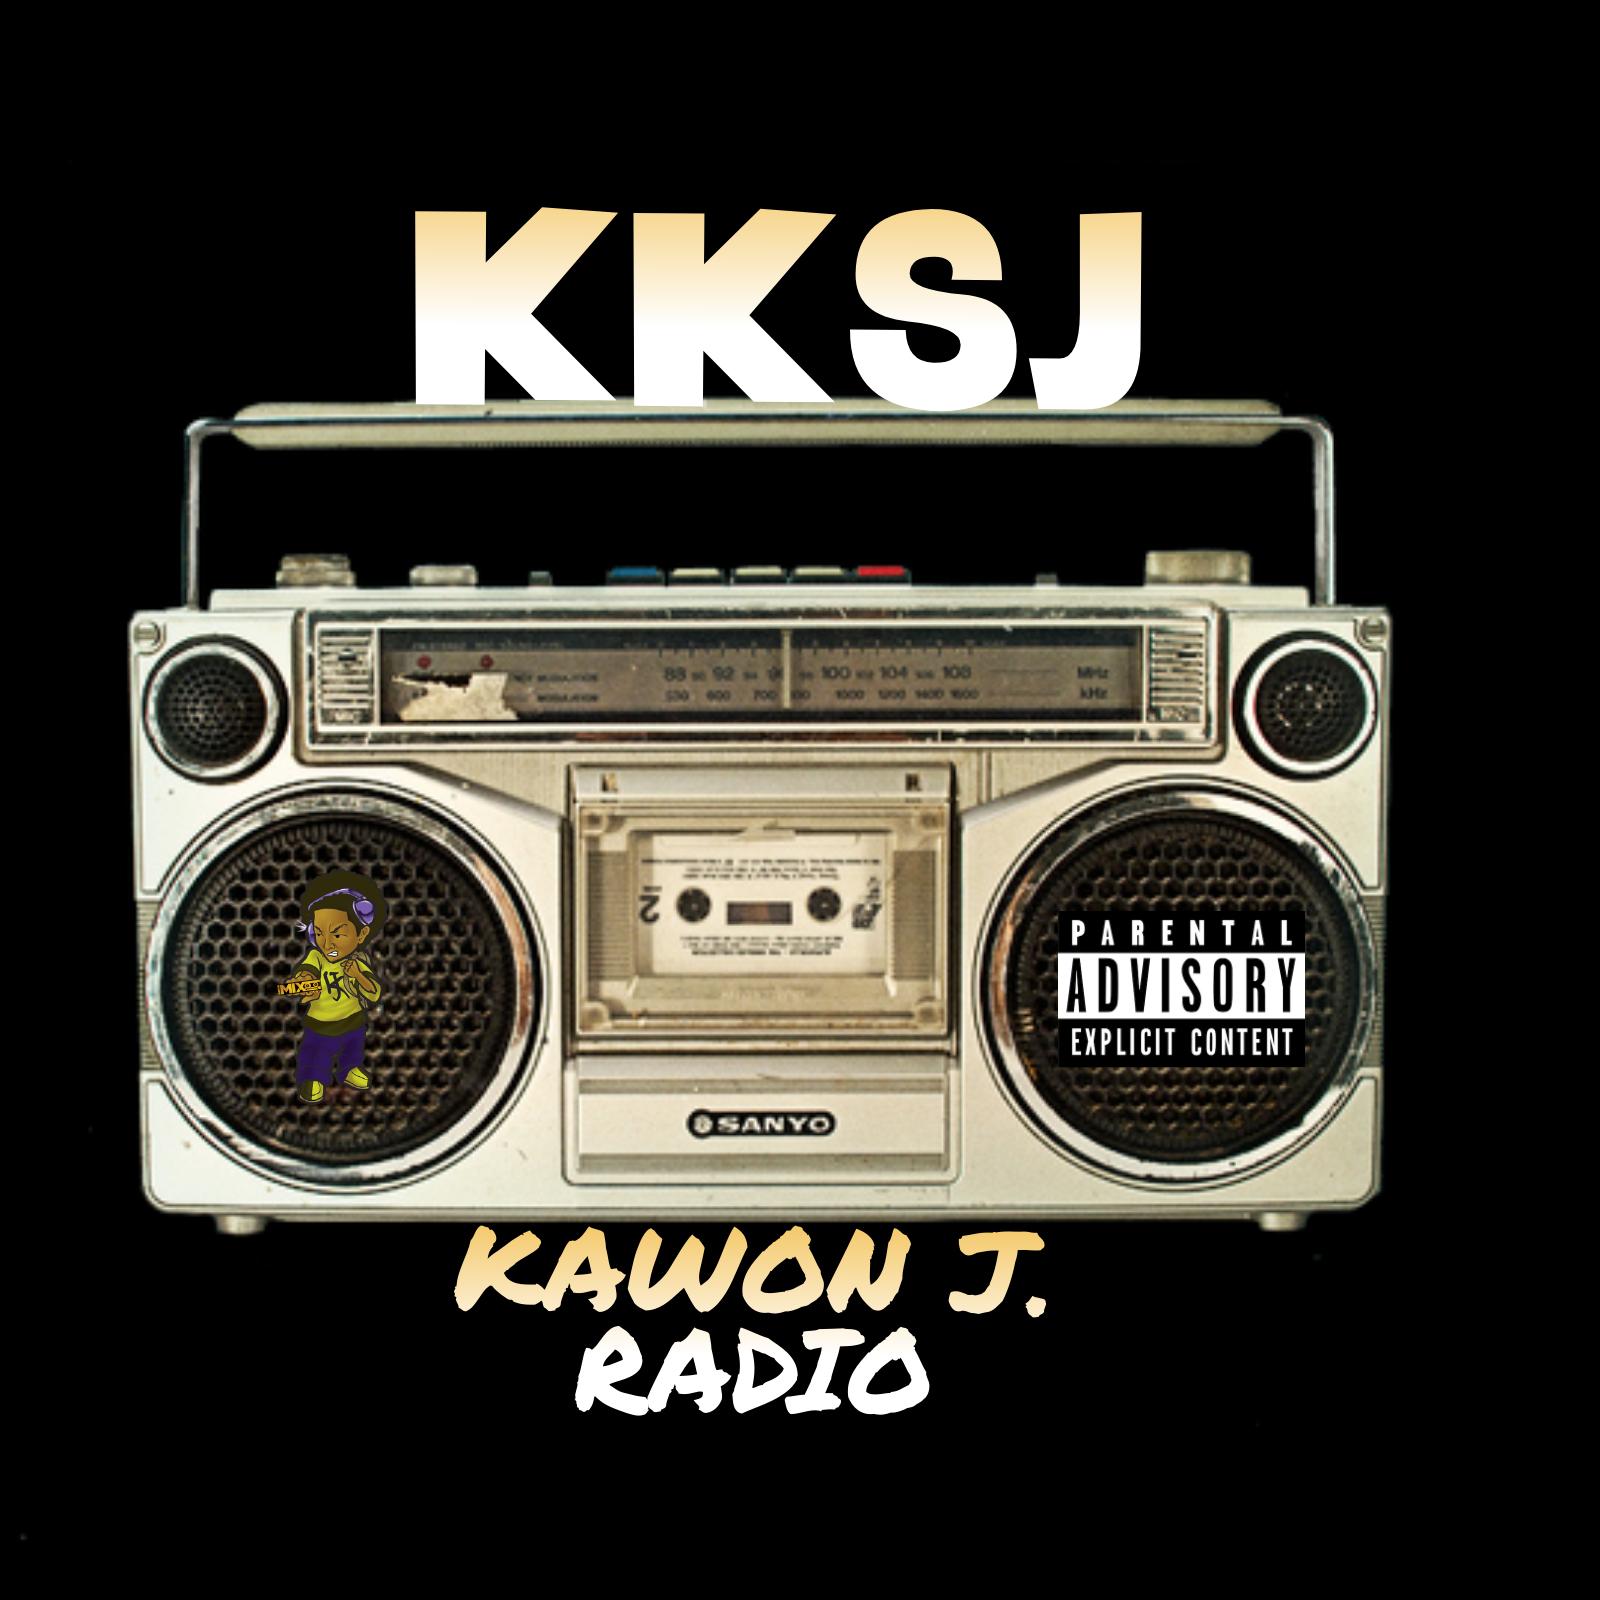 KKSJ-DB (Kawon J. Radio) logo